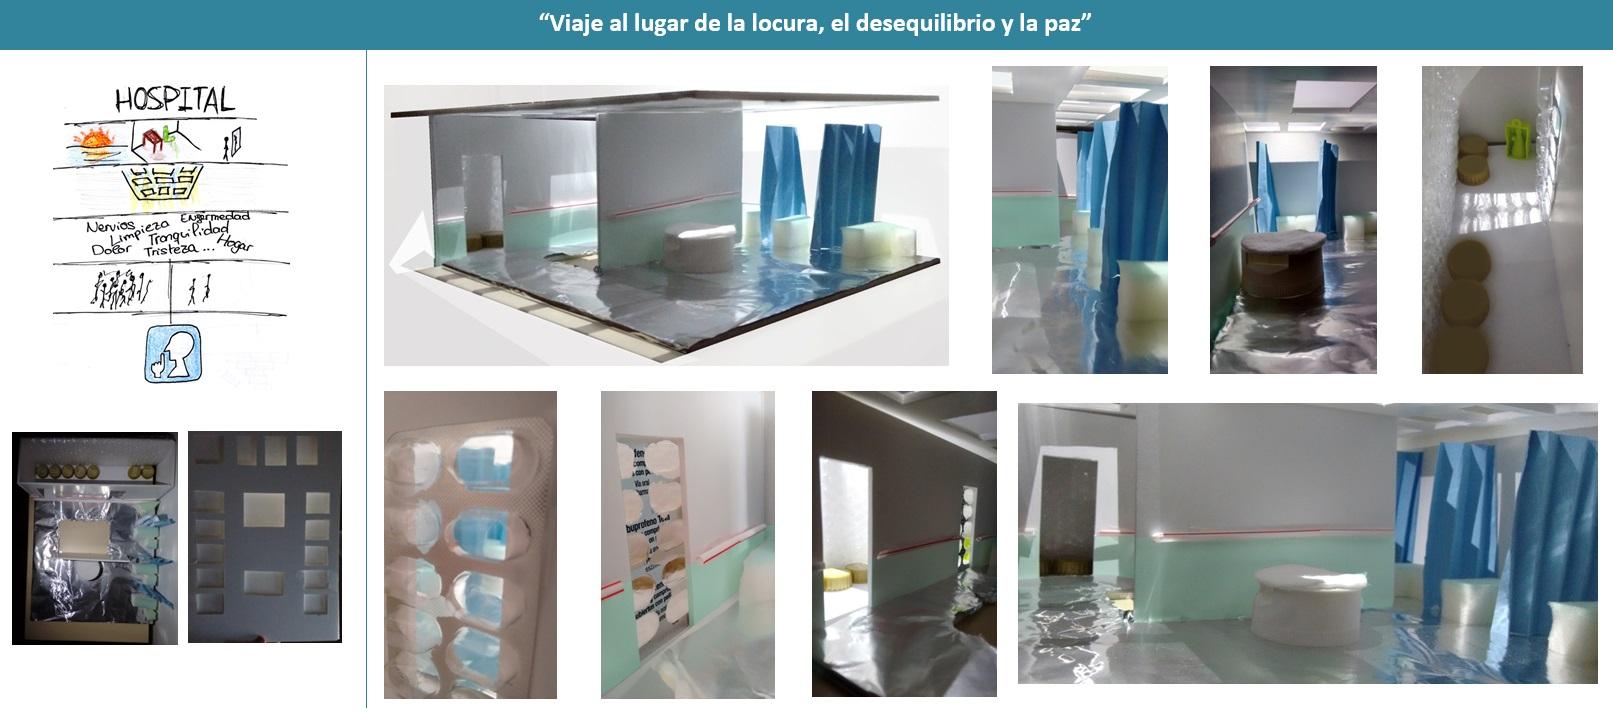 Las Irregularidades En El Hospital Gregorio Marañón Se Dan Desde